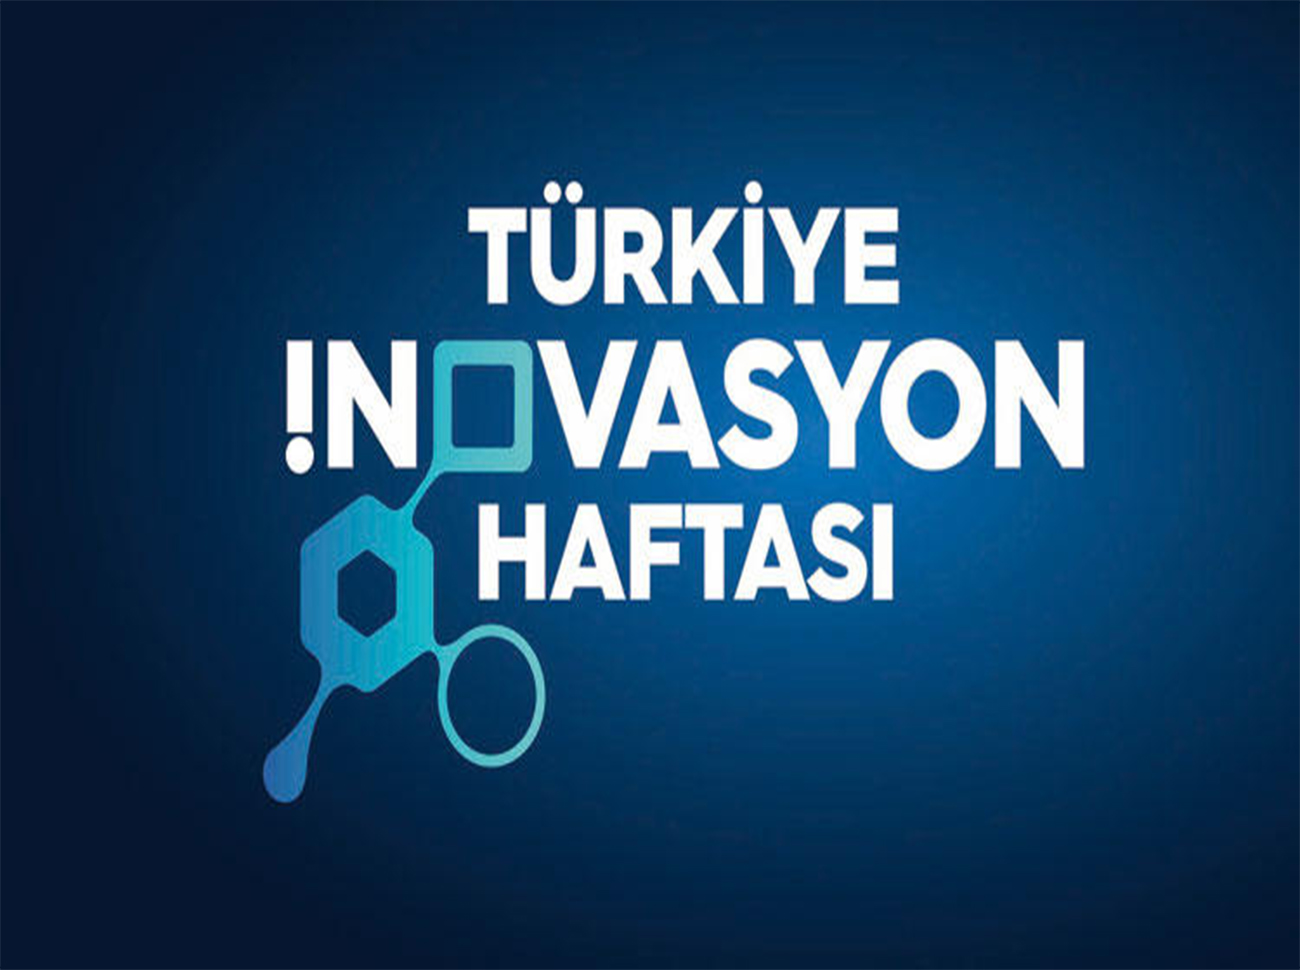 Türkiye İnovasyon Haftası 3-4 Mayıs'ta